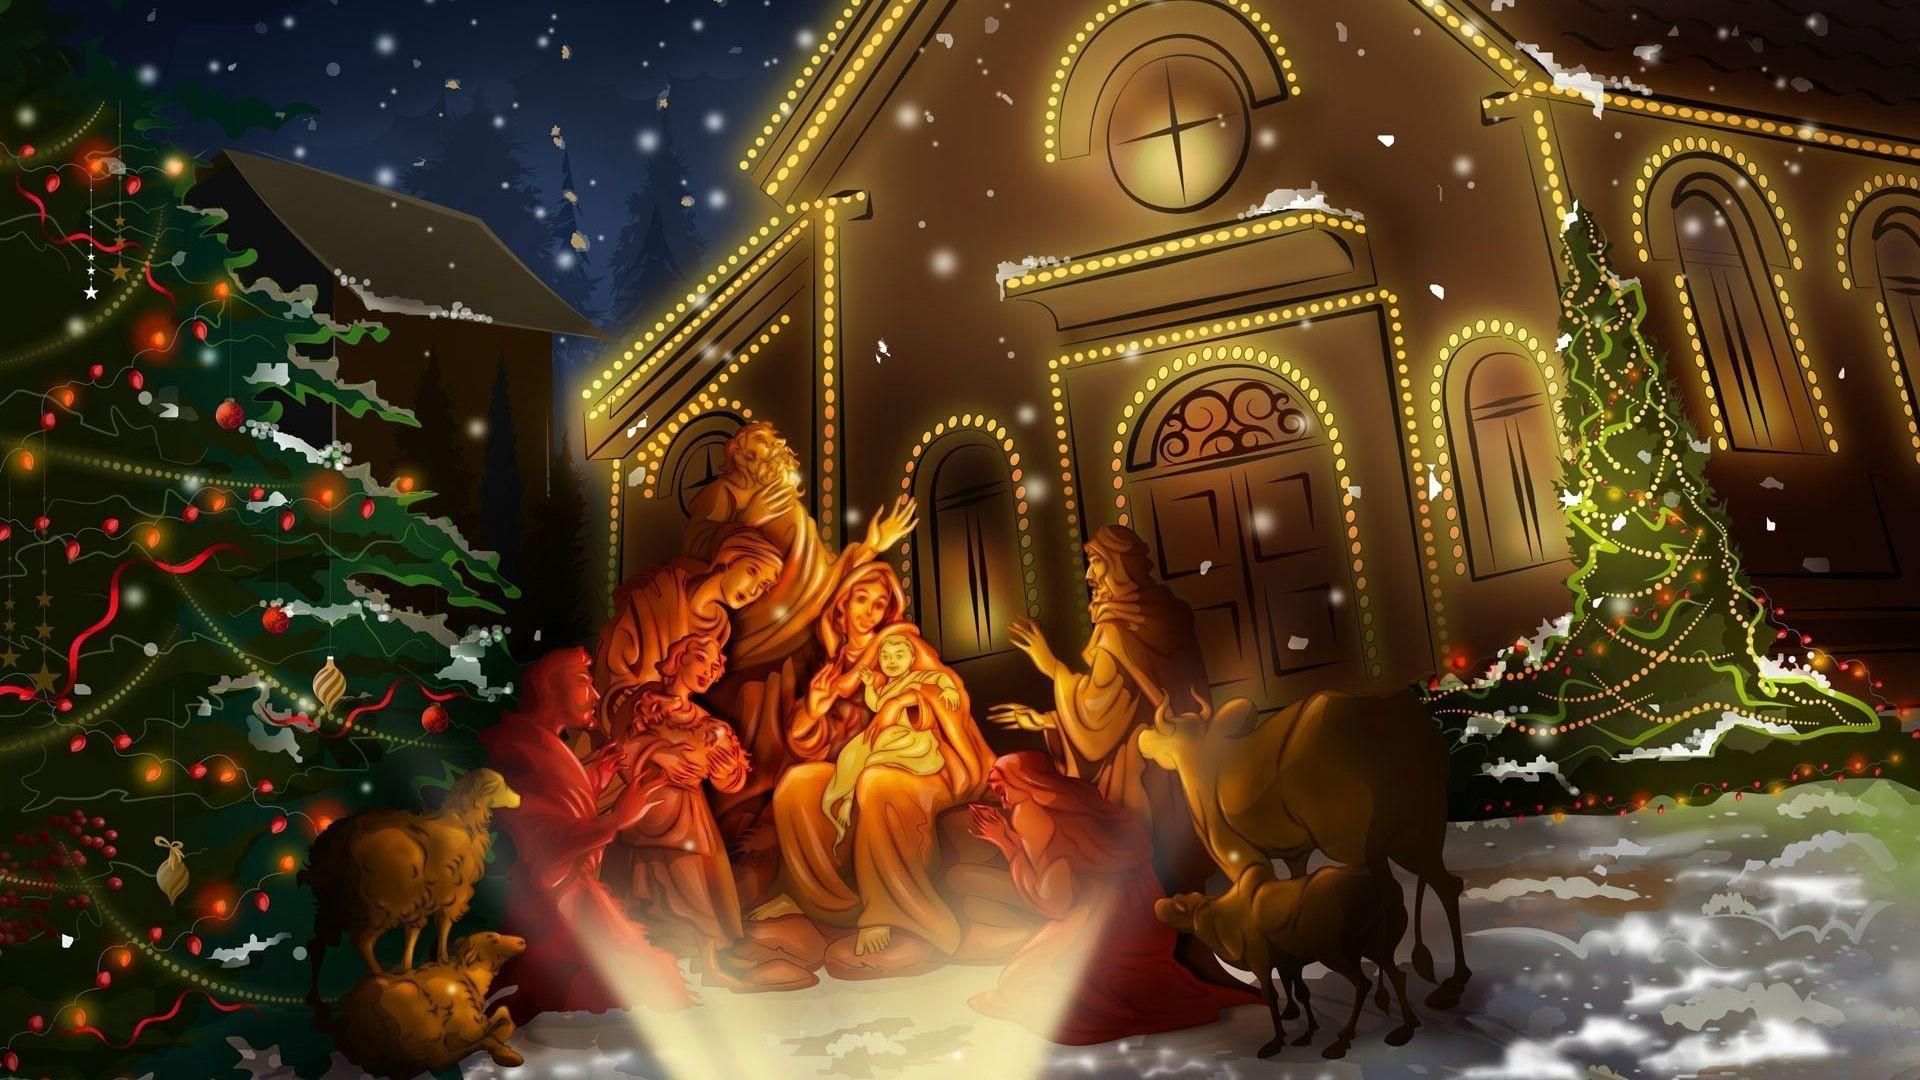 Animated Christmas Desktop wallpapers